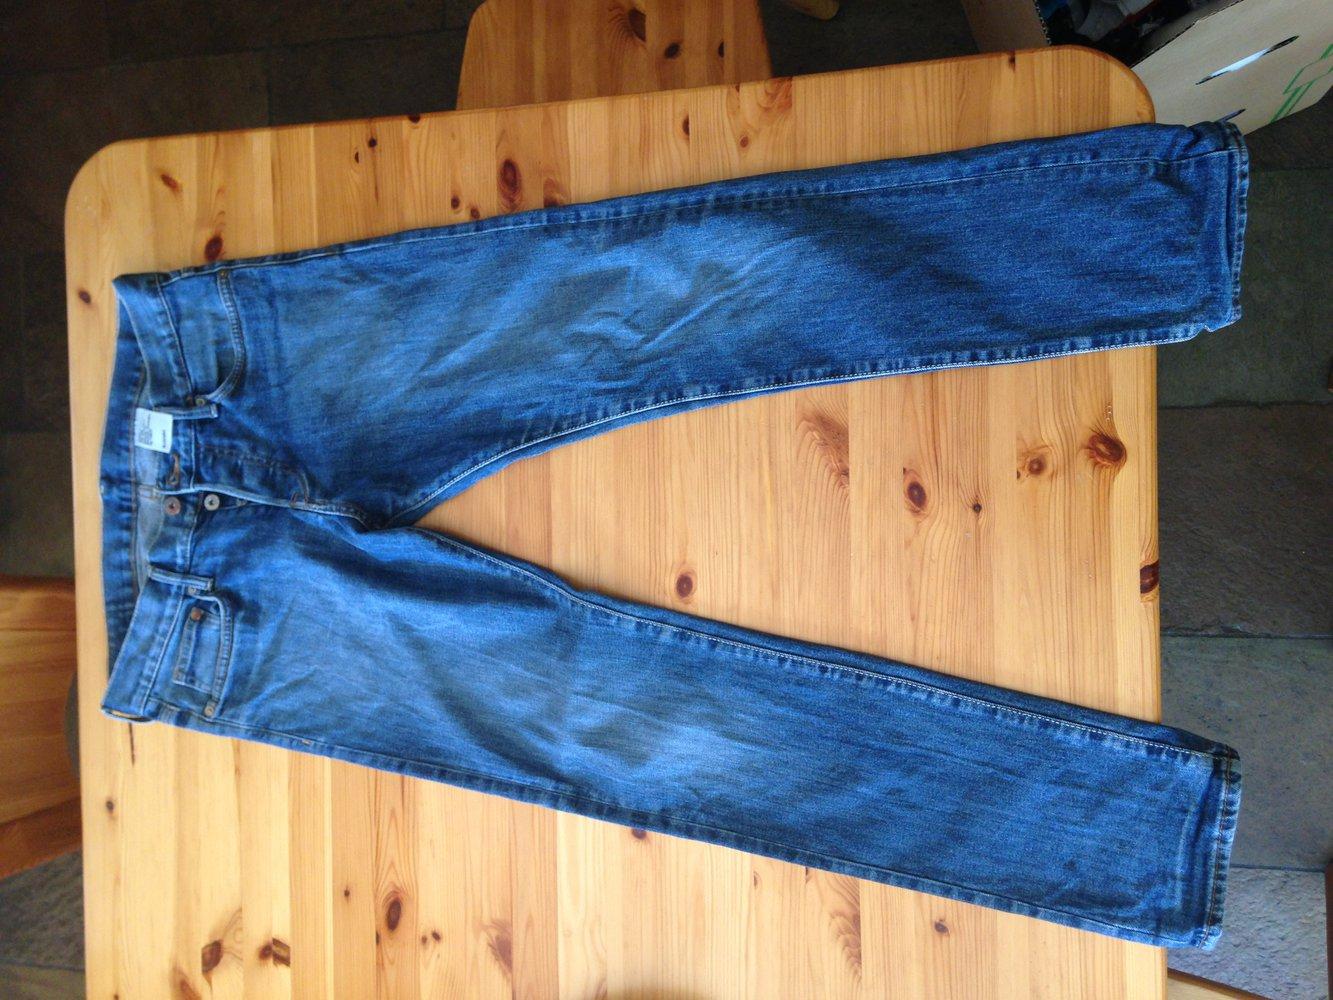 Herren jeans von h m - Hm herren jeans ...